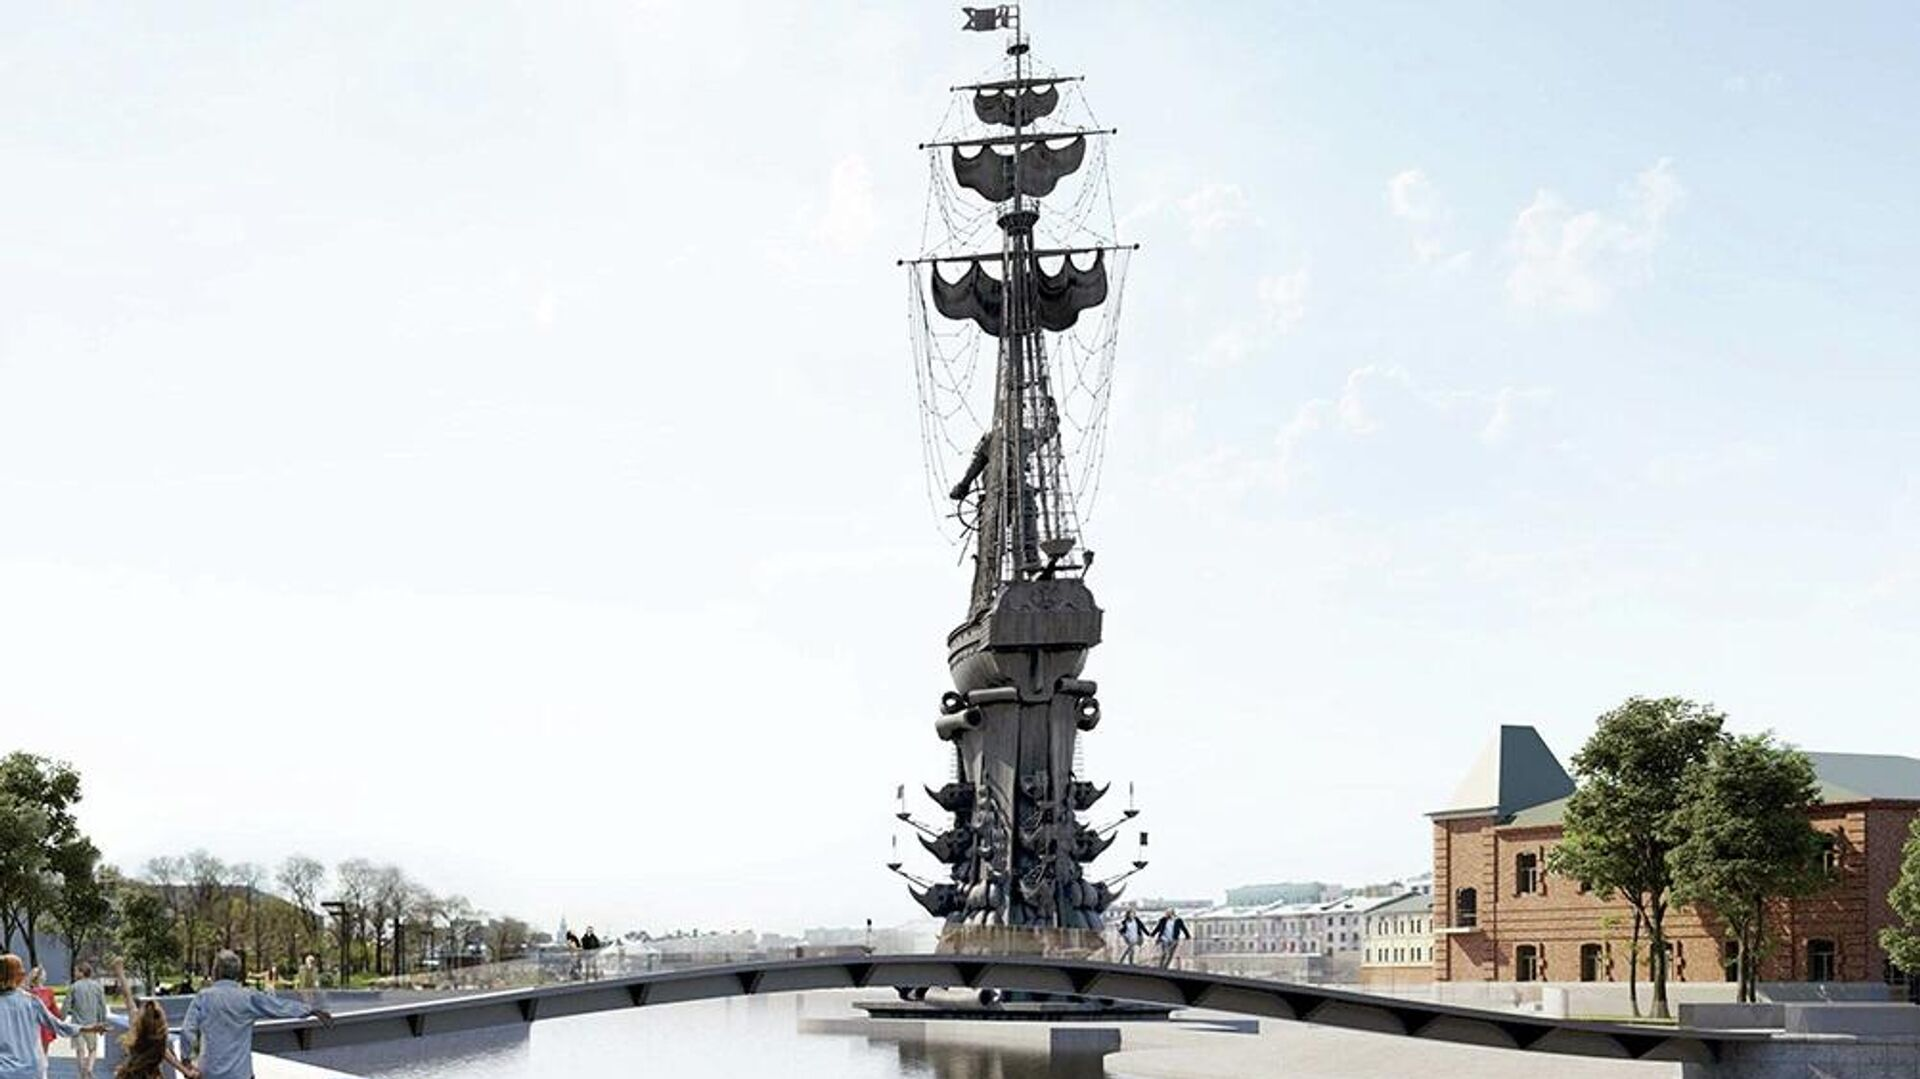 Проект моста через Водоотводный канал в Москве - РИА Новости, 1920, 28.09.2020